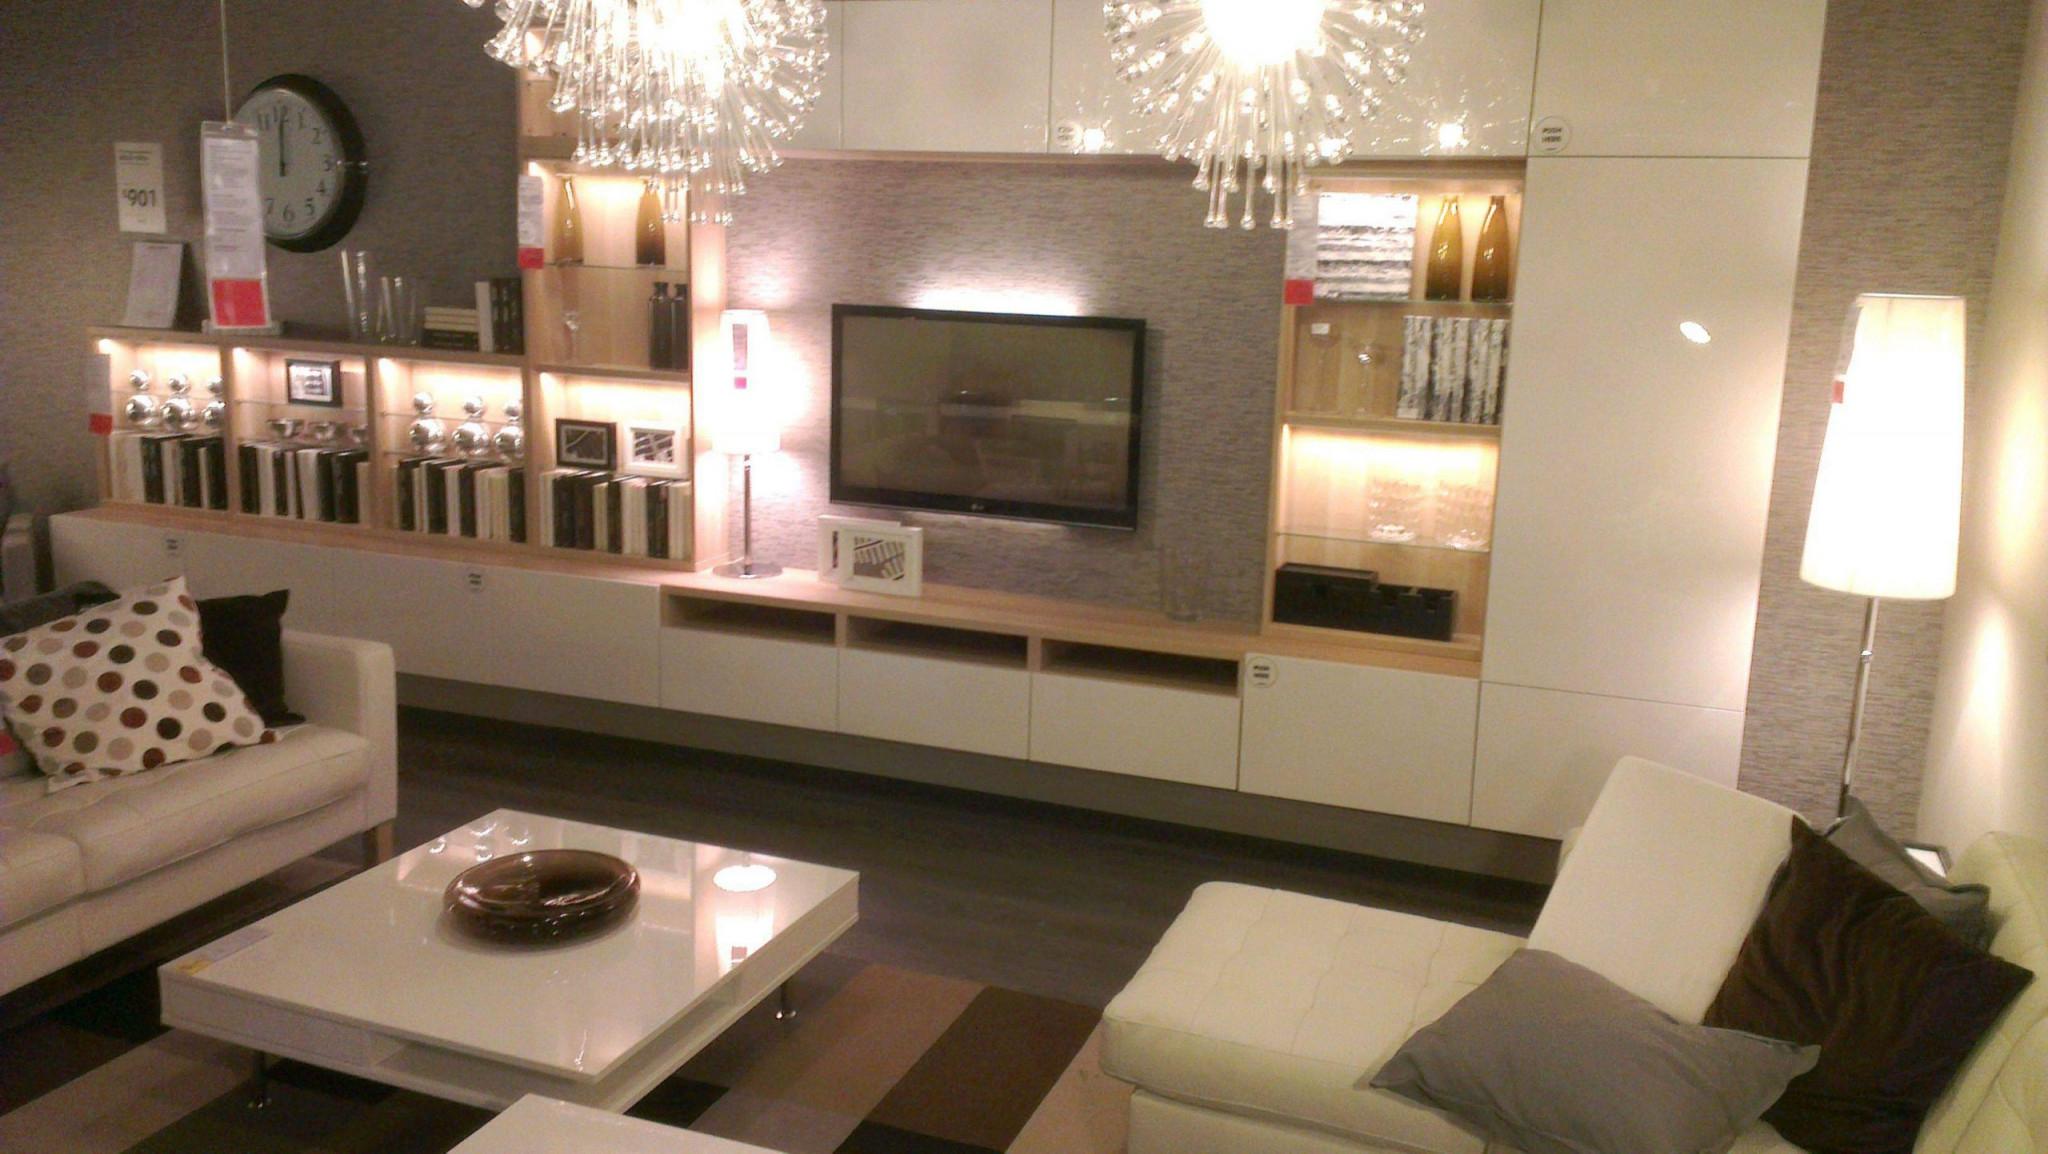 30 Elegant Ikea Besta Wohnzimmer Ideen Elegant  Wohnzimmer von Möbel Ideen Wohnzimmer Bild